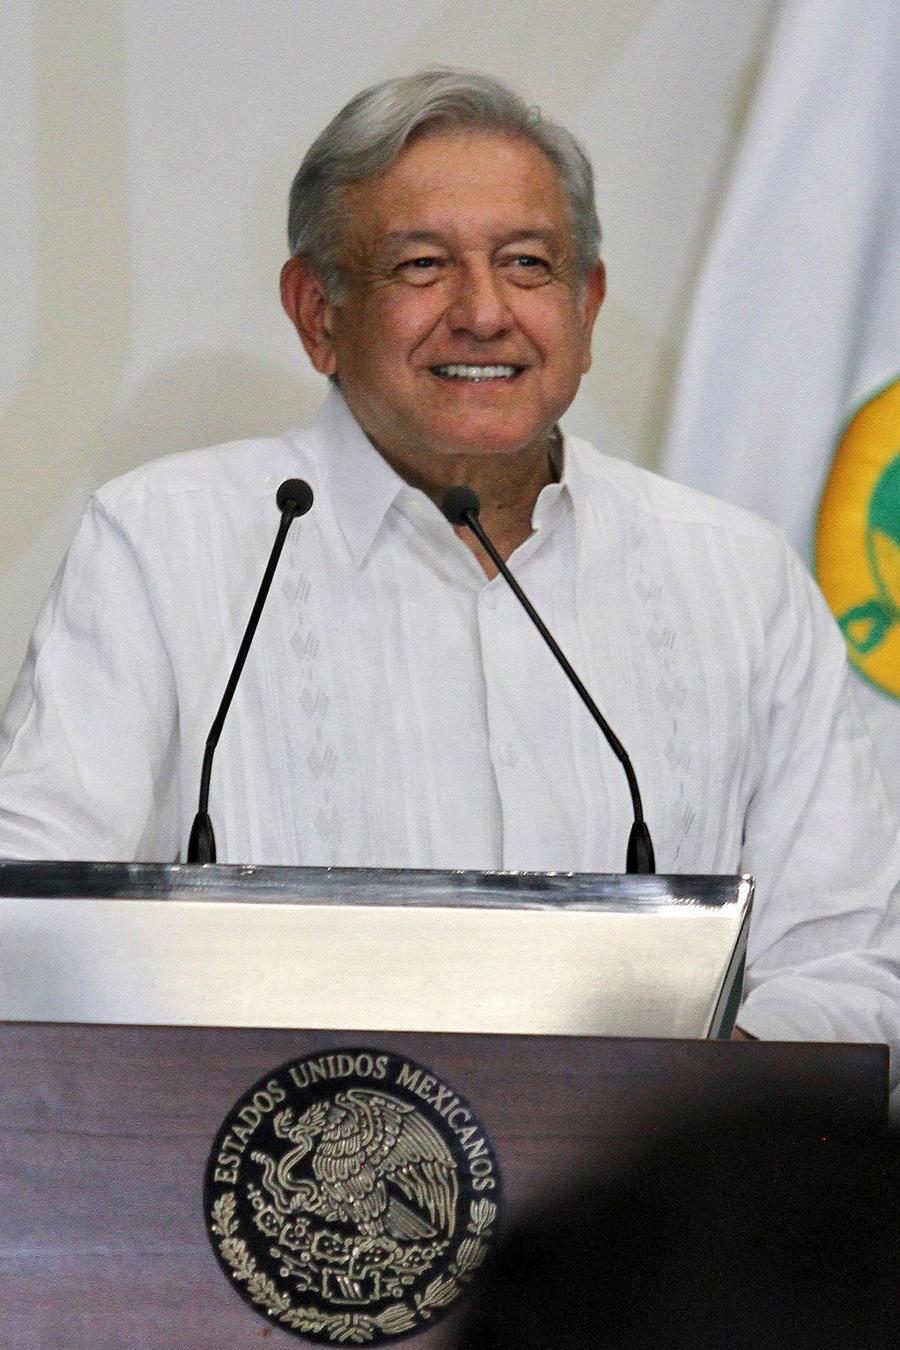 El presidente de México, Andrés Manuel López Obrador, presenta su plan de salud el viernes 14 de diciembre